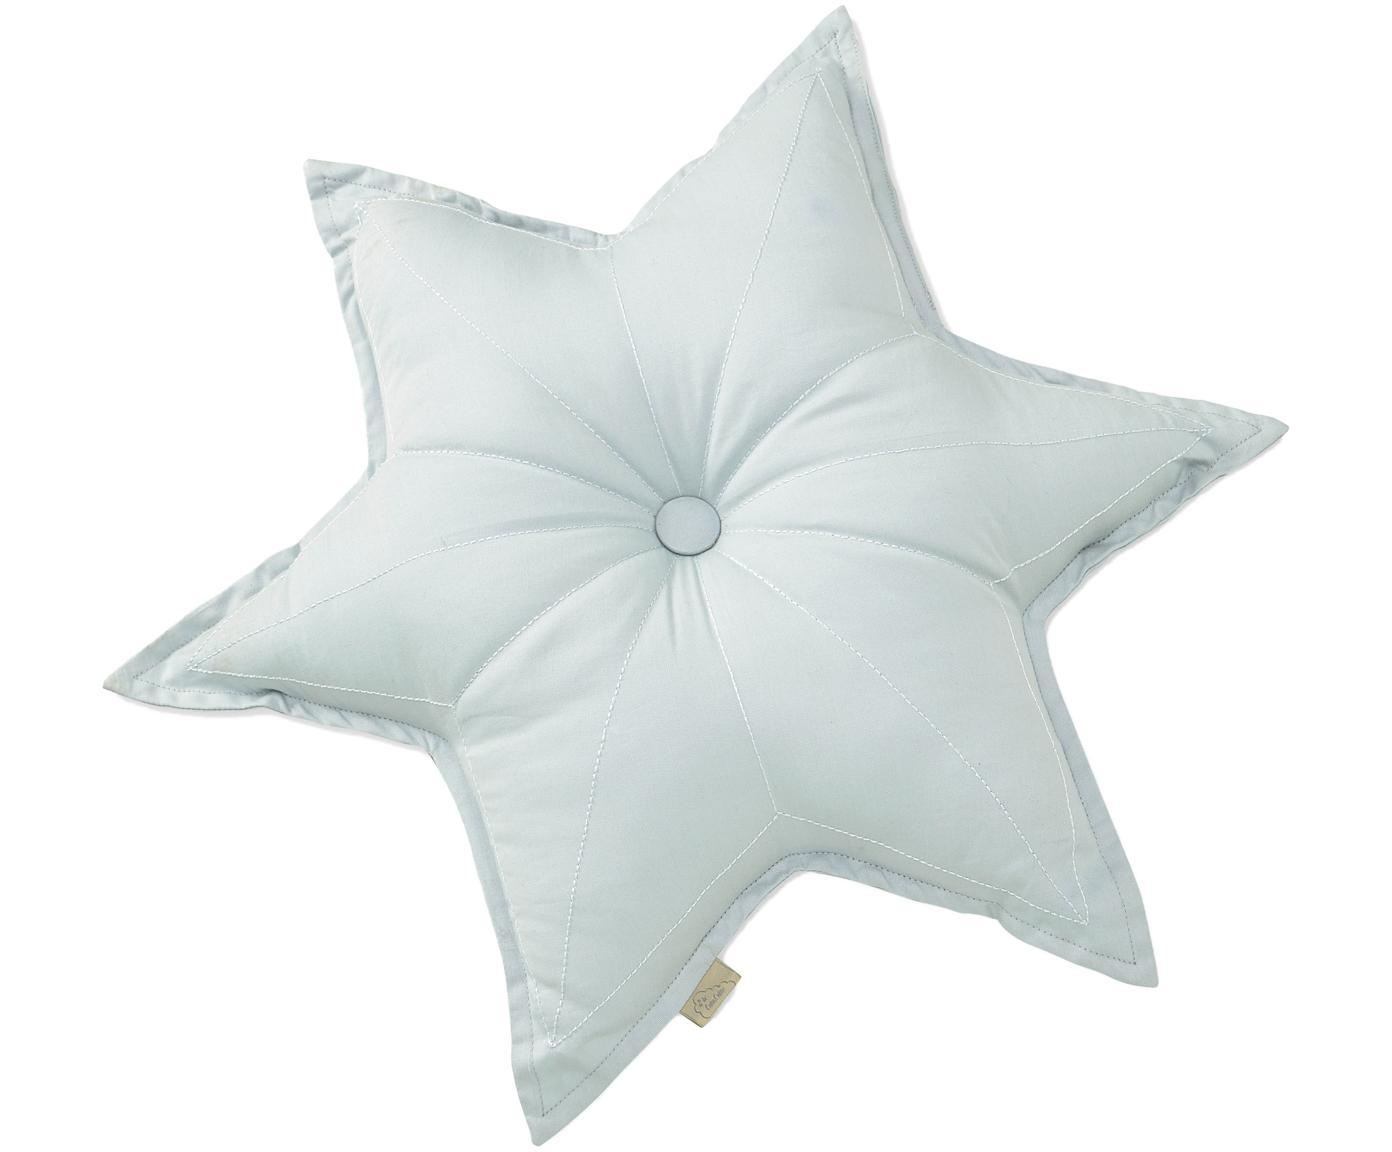 Kissen Star aus Bio-Baumwolle, mit Inlett, Bezug: Bio-Baumwolle, Öko-Tex- u, Hellblau, 45 x 45 cm